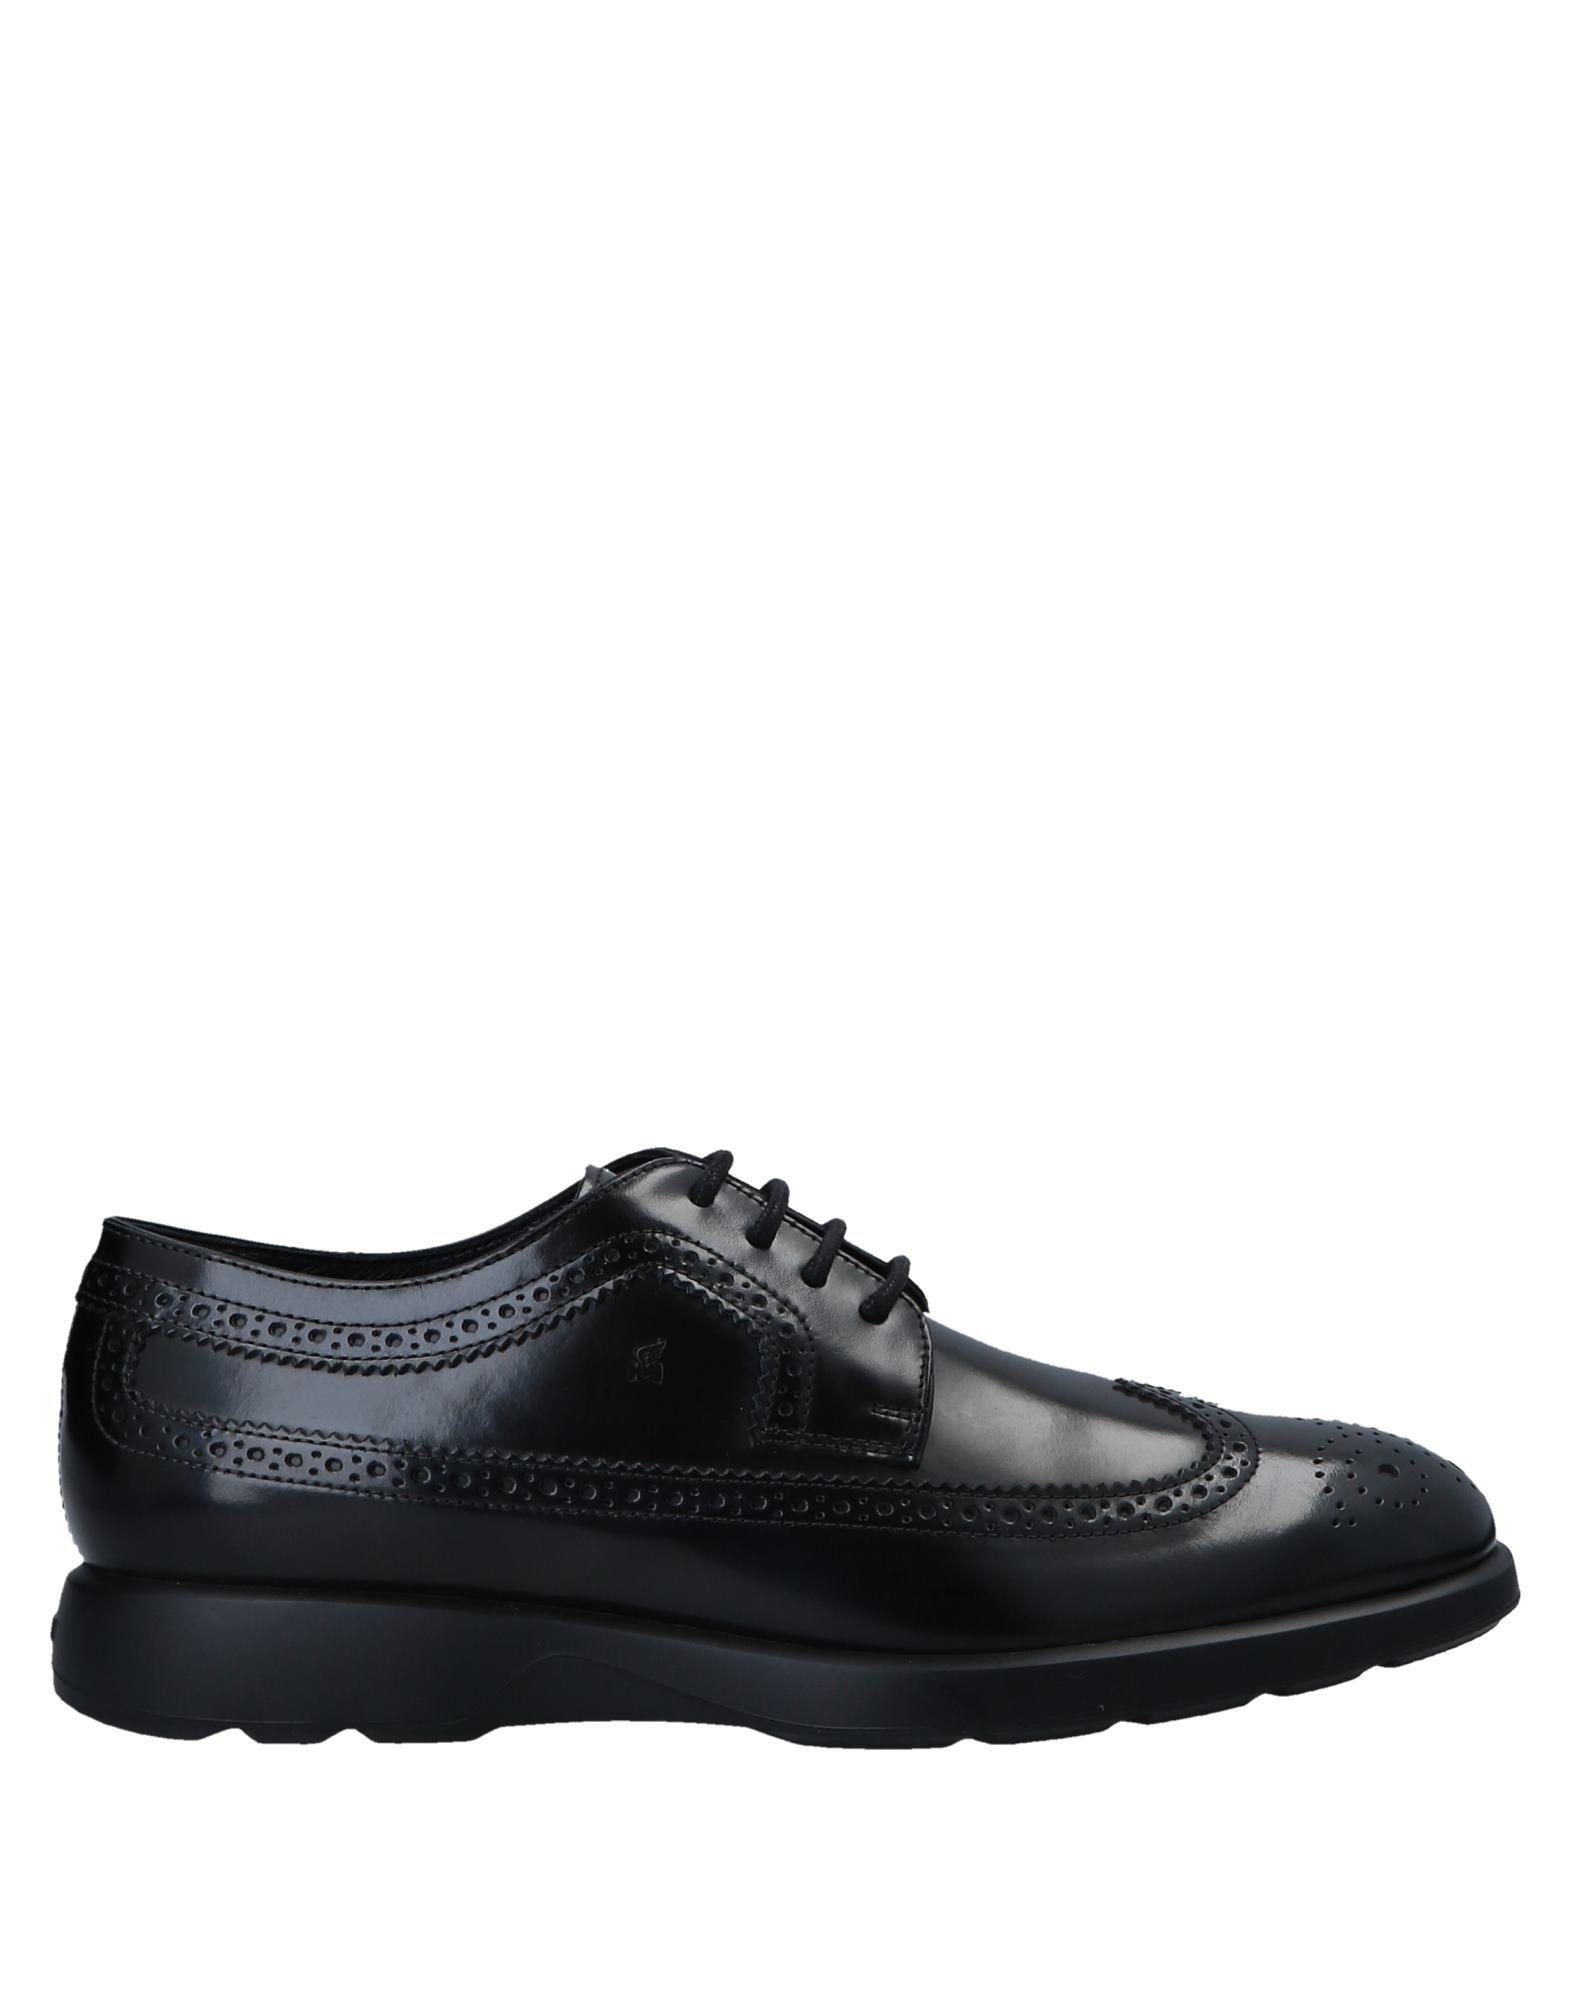 HOGAN Обувь на шнурках ботинки для девочек richter 12224259201 размер 23 цвет коричневый